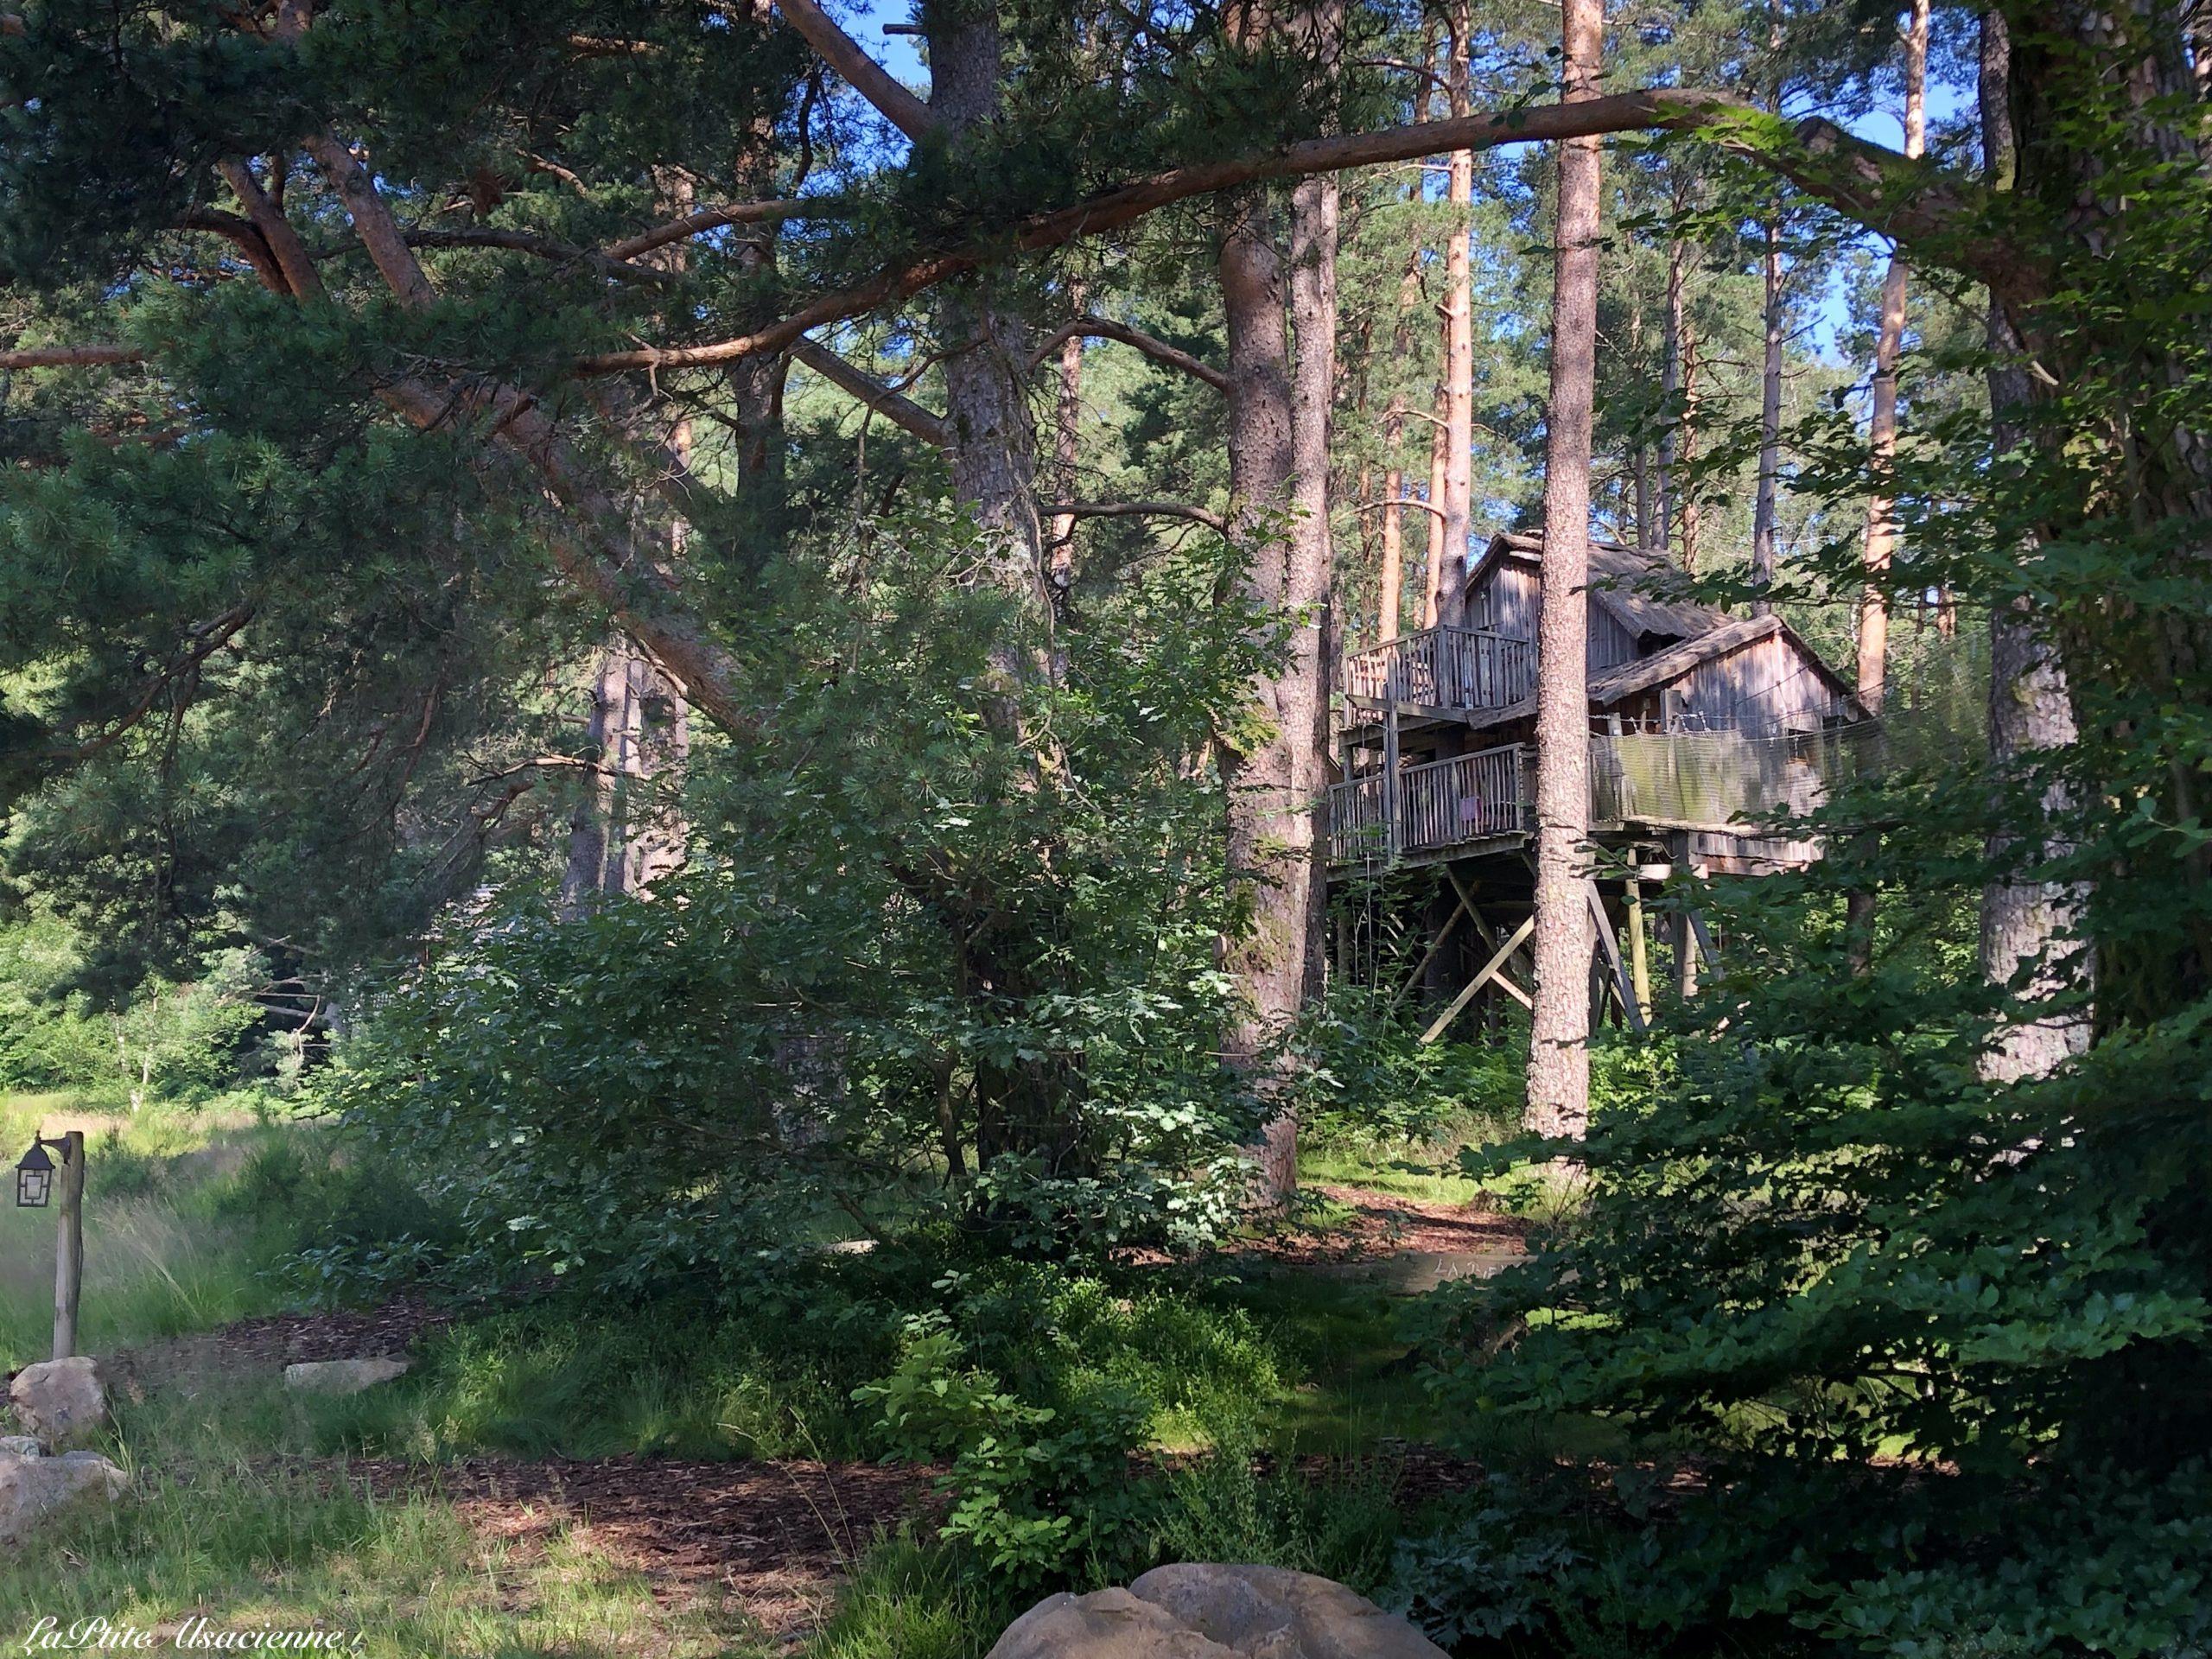 A l'entrée des Nids des Vosges, Cabane dans les arbres. Photo de Cendrine Miesch dite  LaPtiteAlsacienne